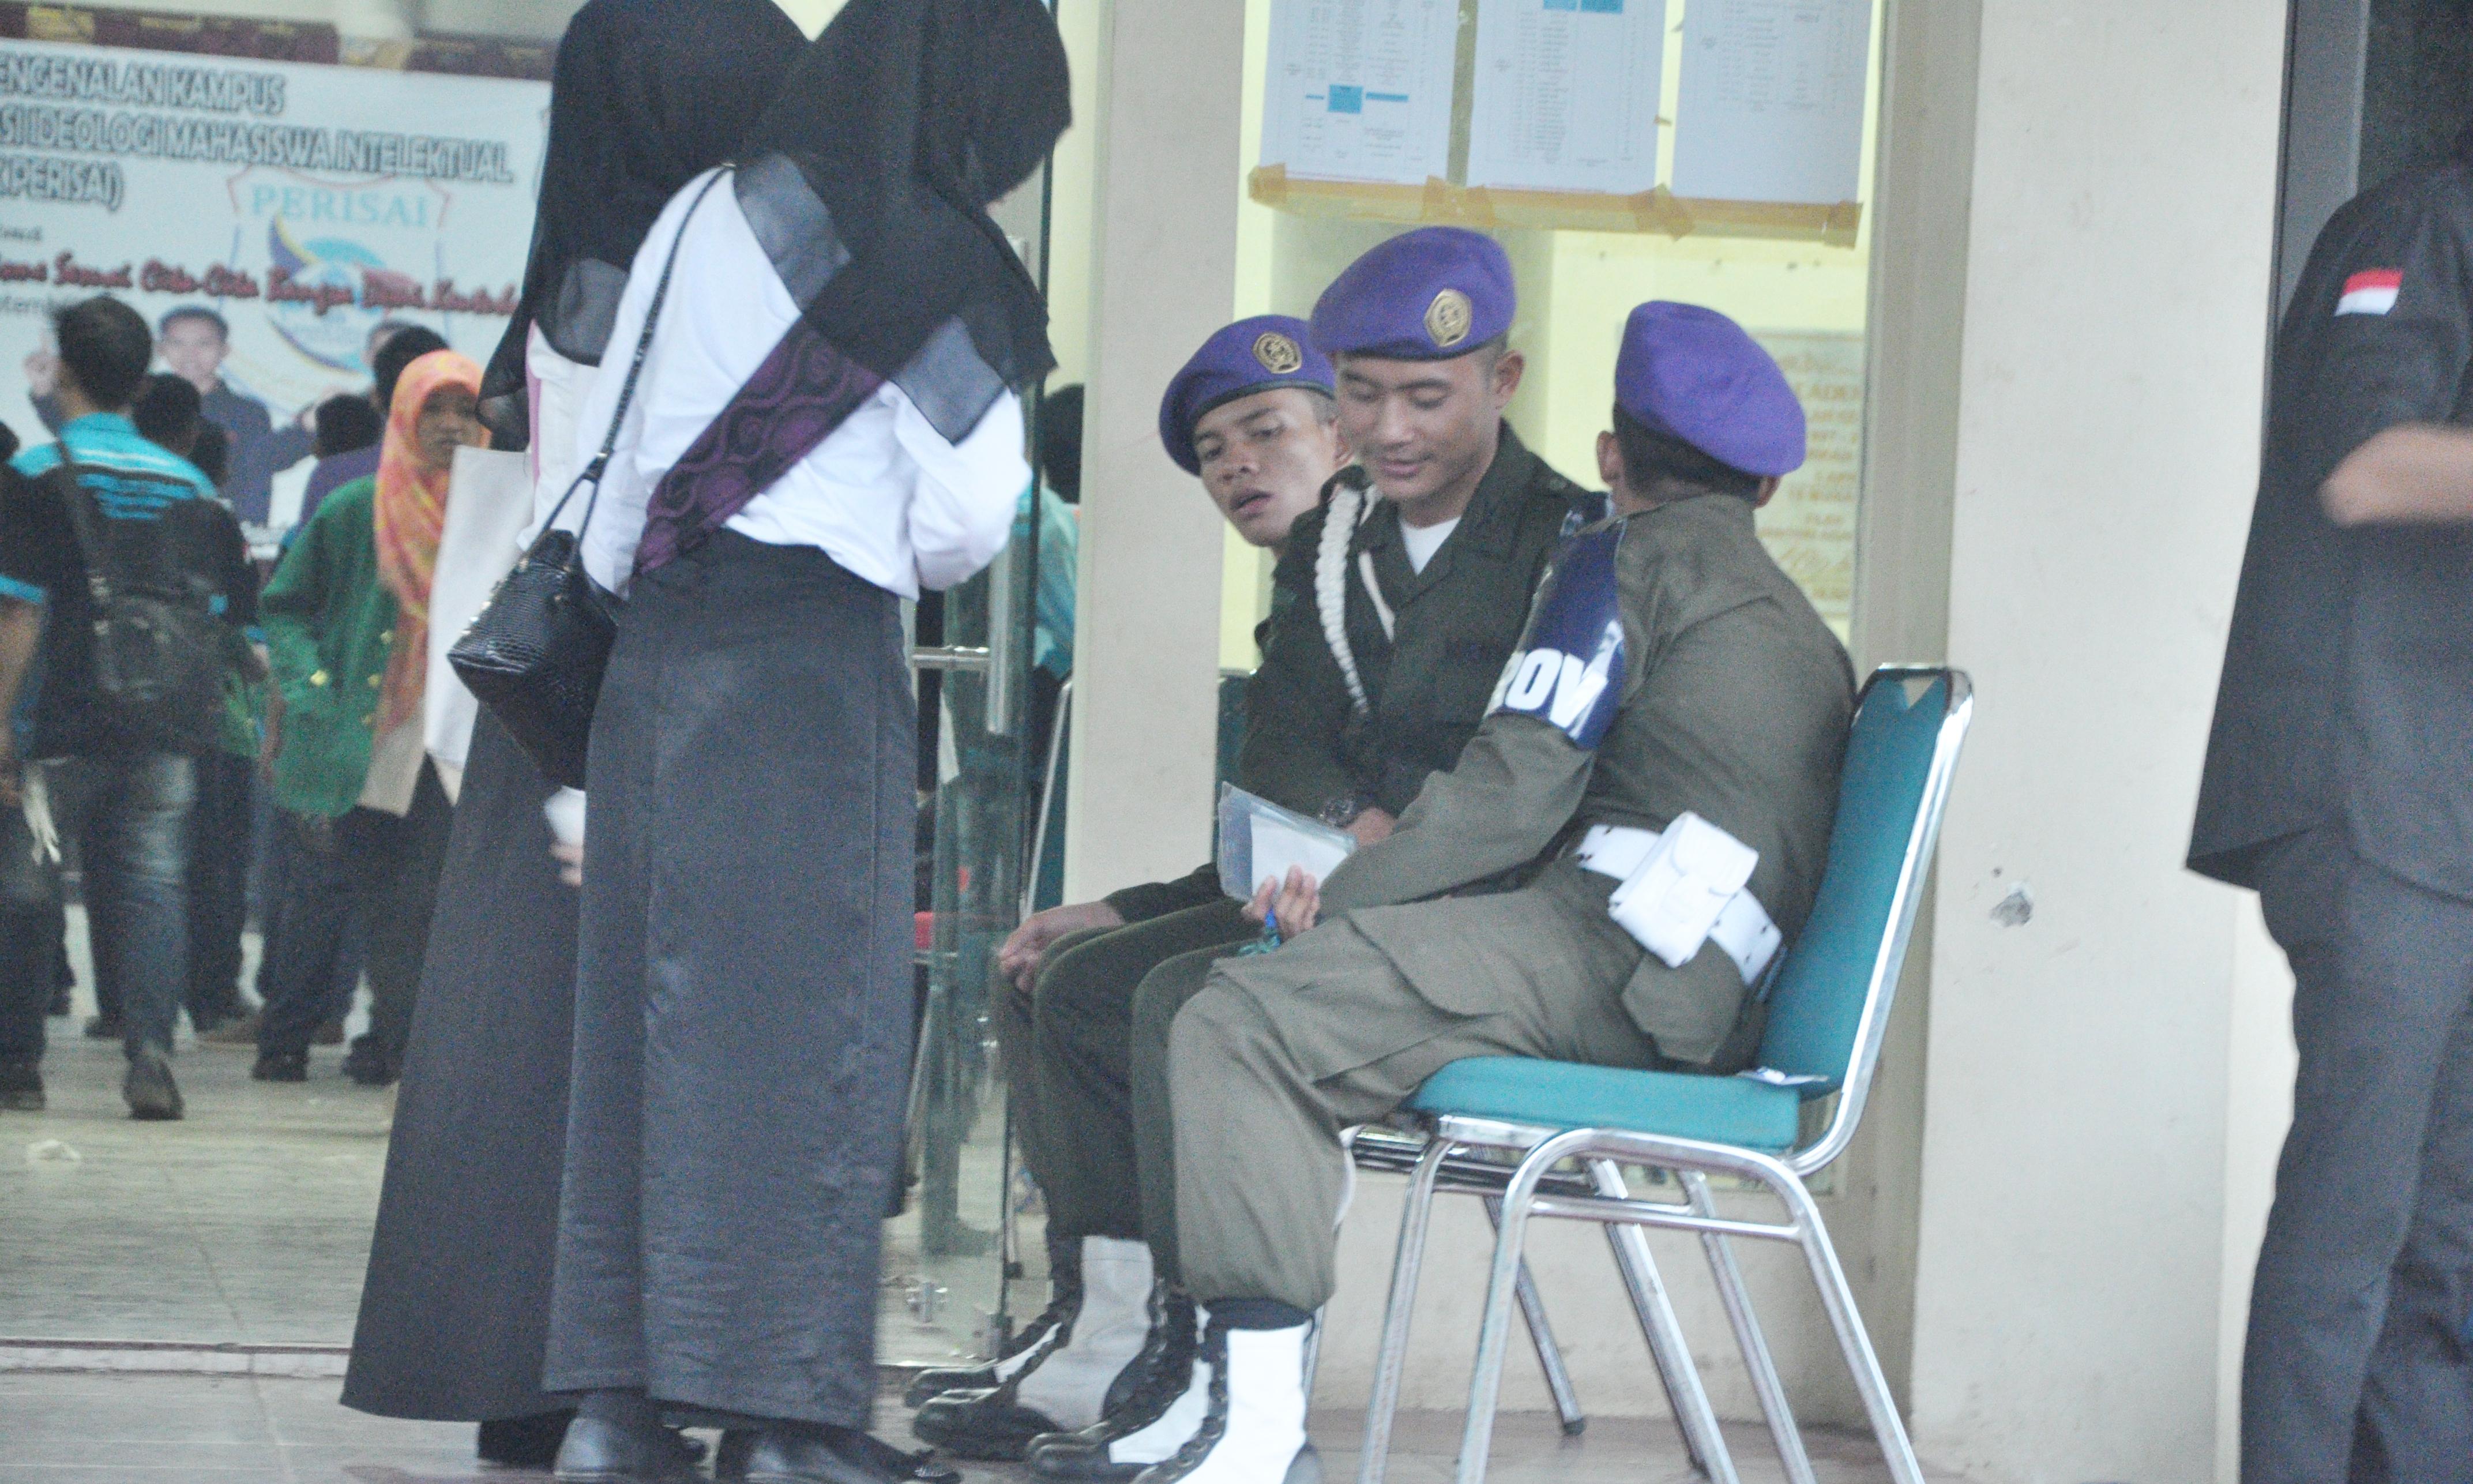 Dua orang peserta ospek perisai 2015 sedang meminta izin dari penertiban keamanan kegiatan (Resimen Mahsiswa), untuk dapat menunaikan ibadah sholat ashar. Pada Kamis (3/915)